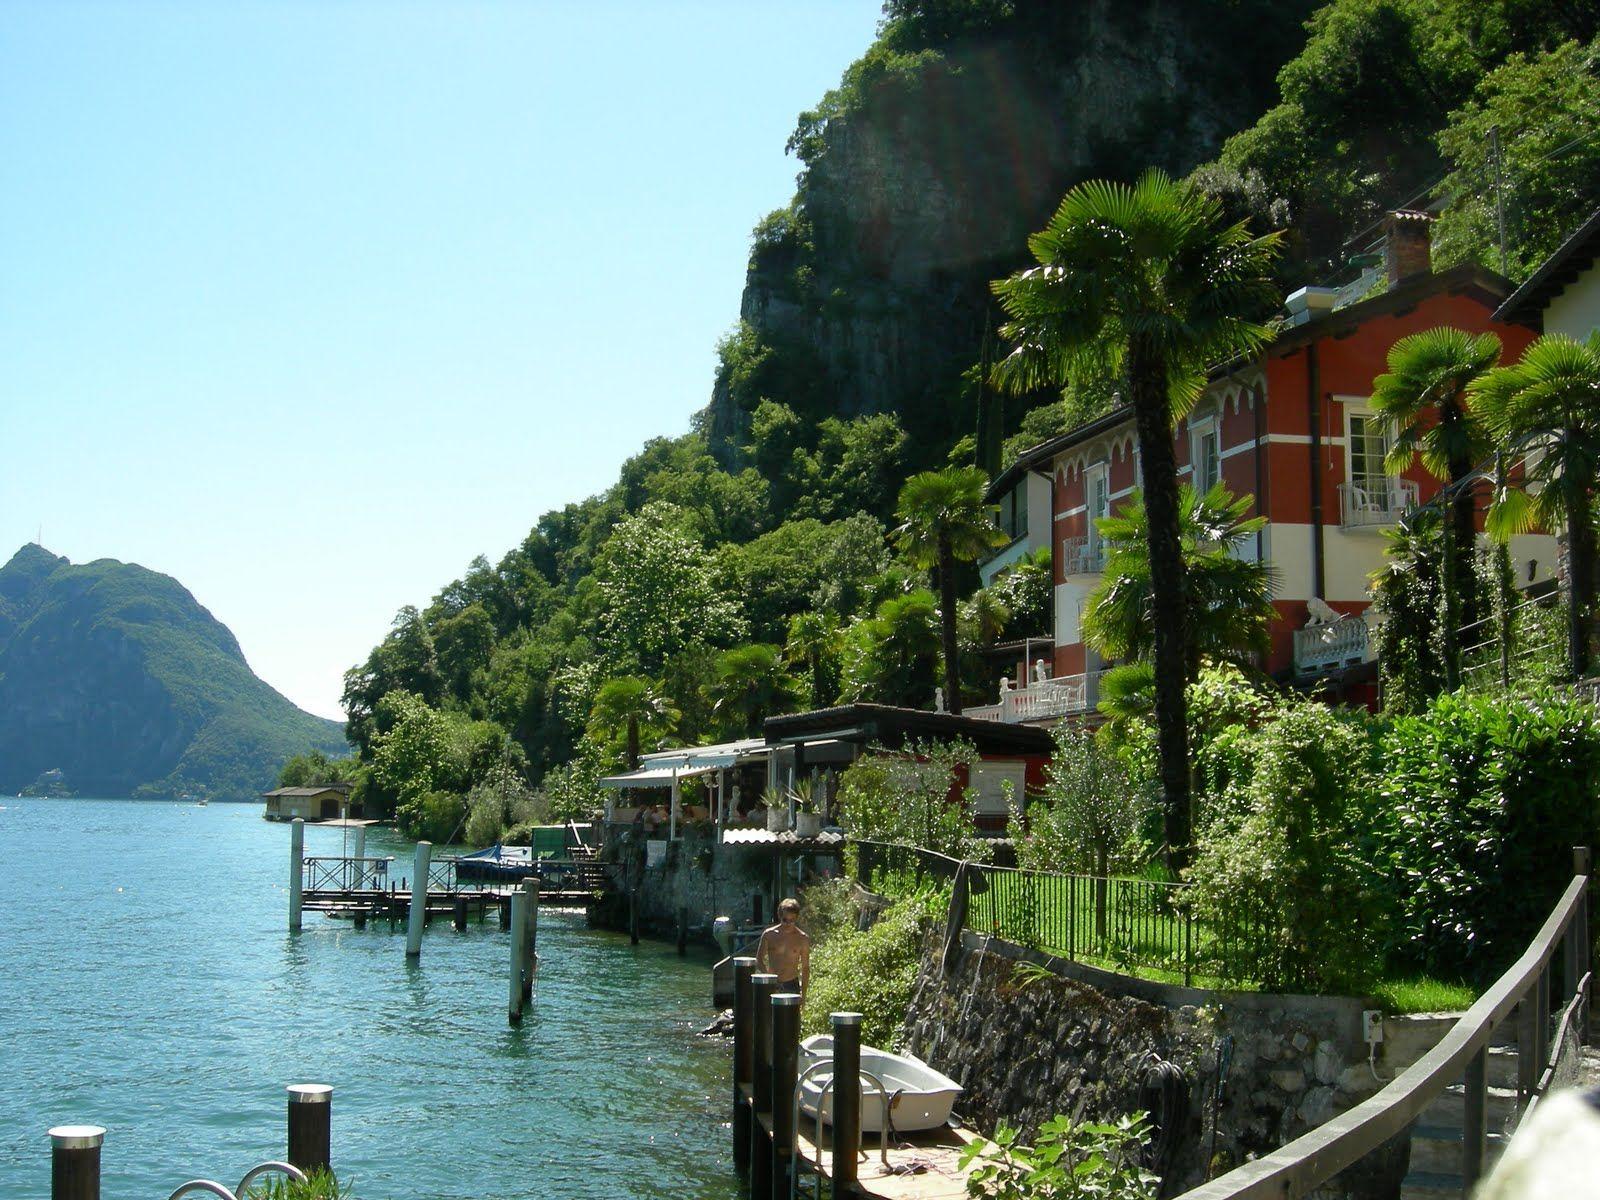 دهکده سوئیدهکده سوئیسی به نام گاندریاسی به نام گاندریا